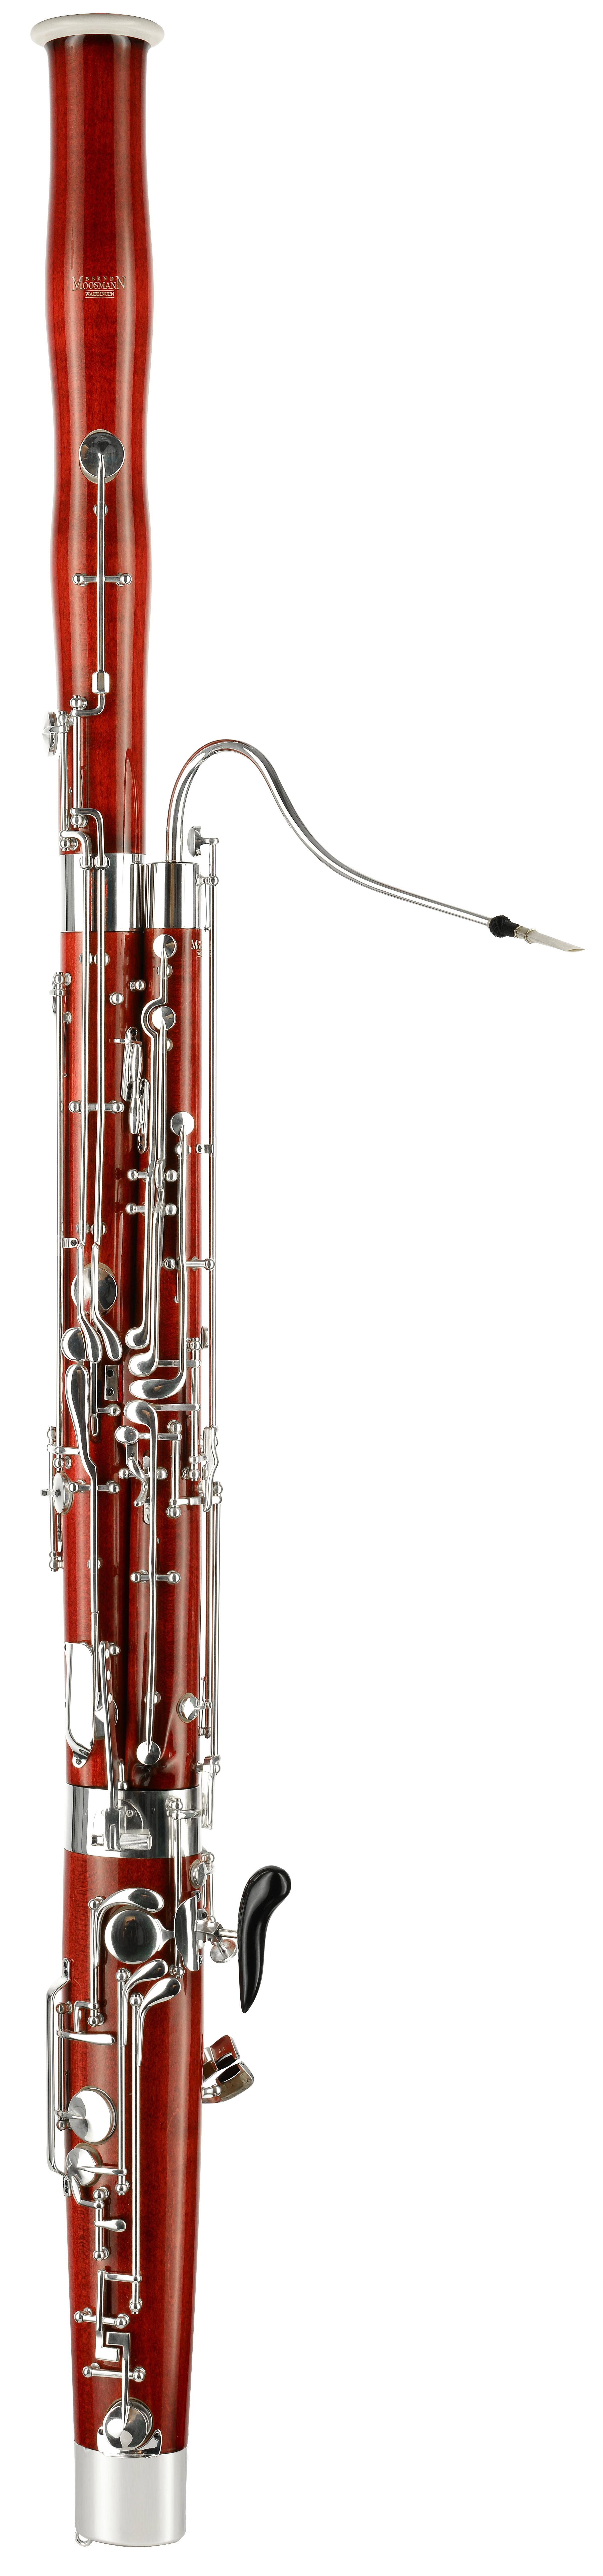 111 Front - Instrumente